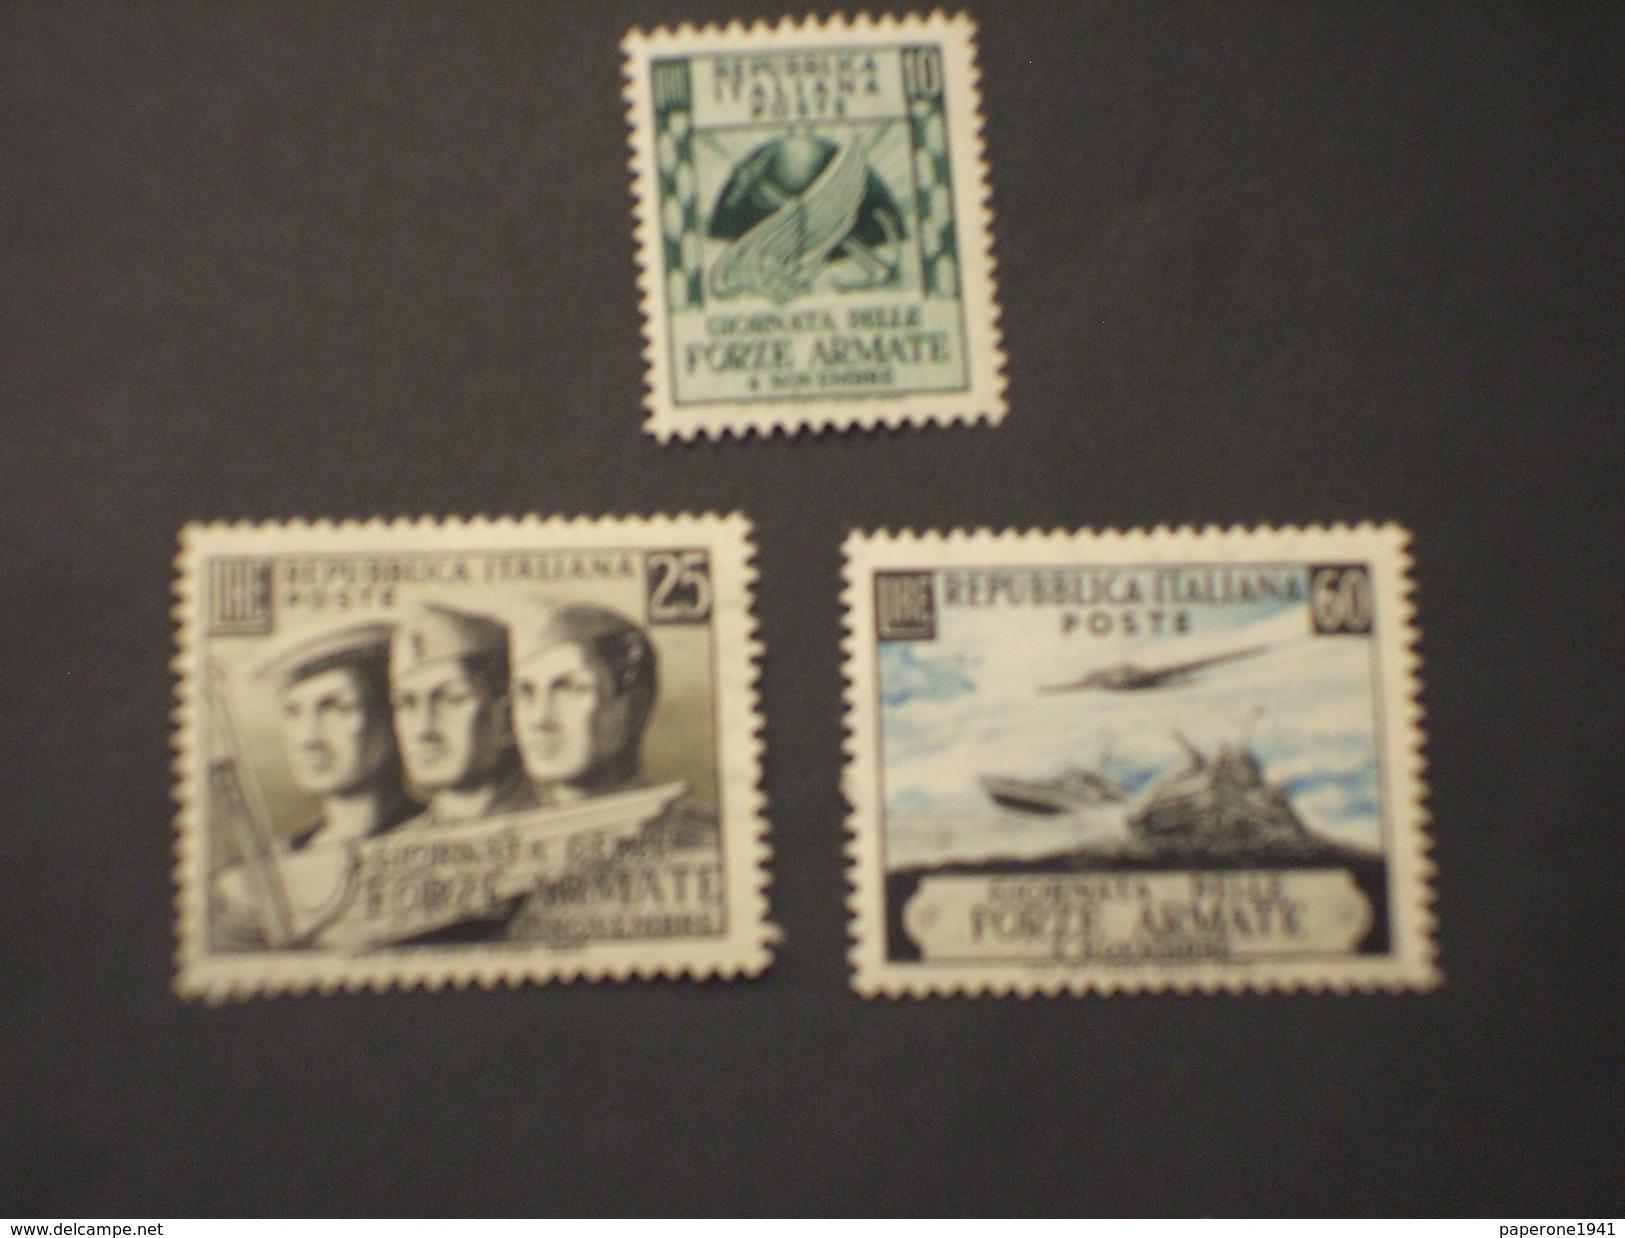 ITALIA - 1952 FORZE AEMATE 3 VALORI - NUOVO(++) - 6. 1946-.. Republic